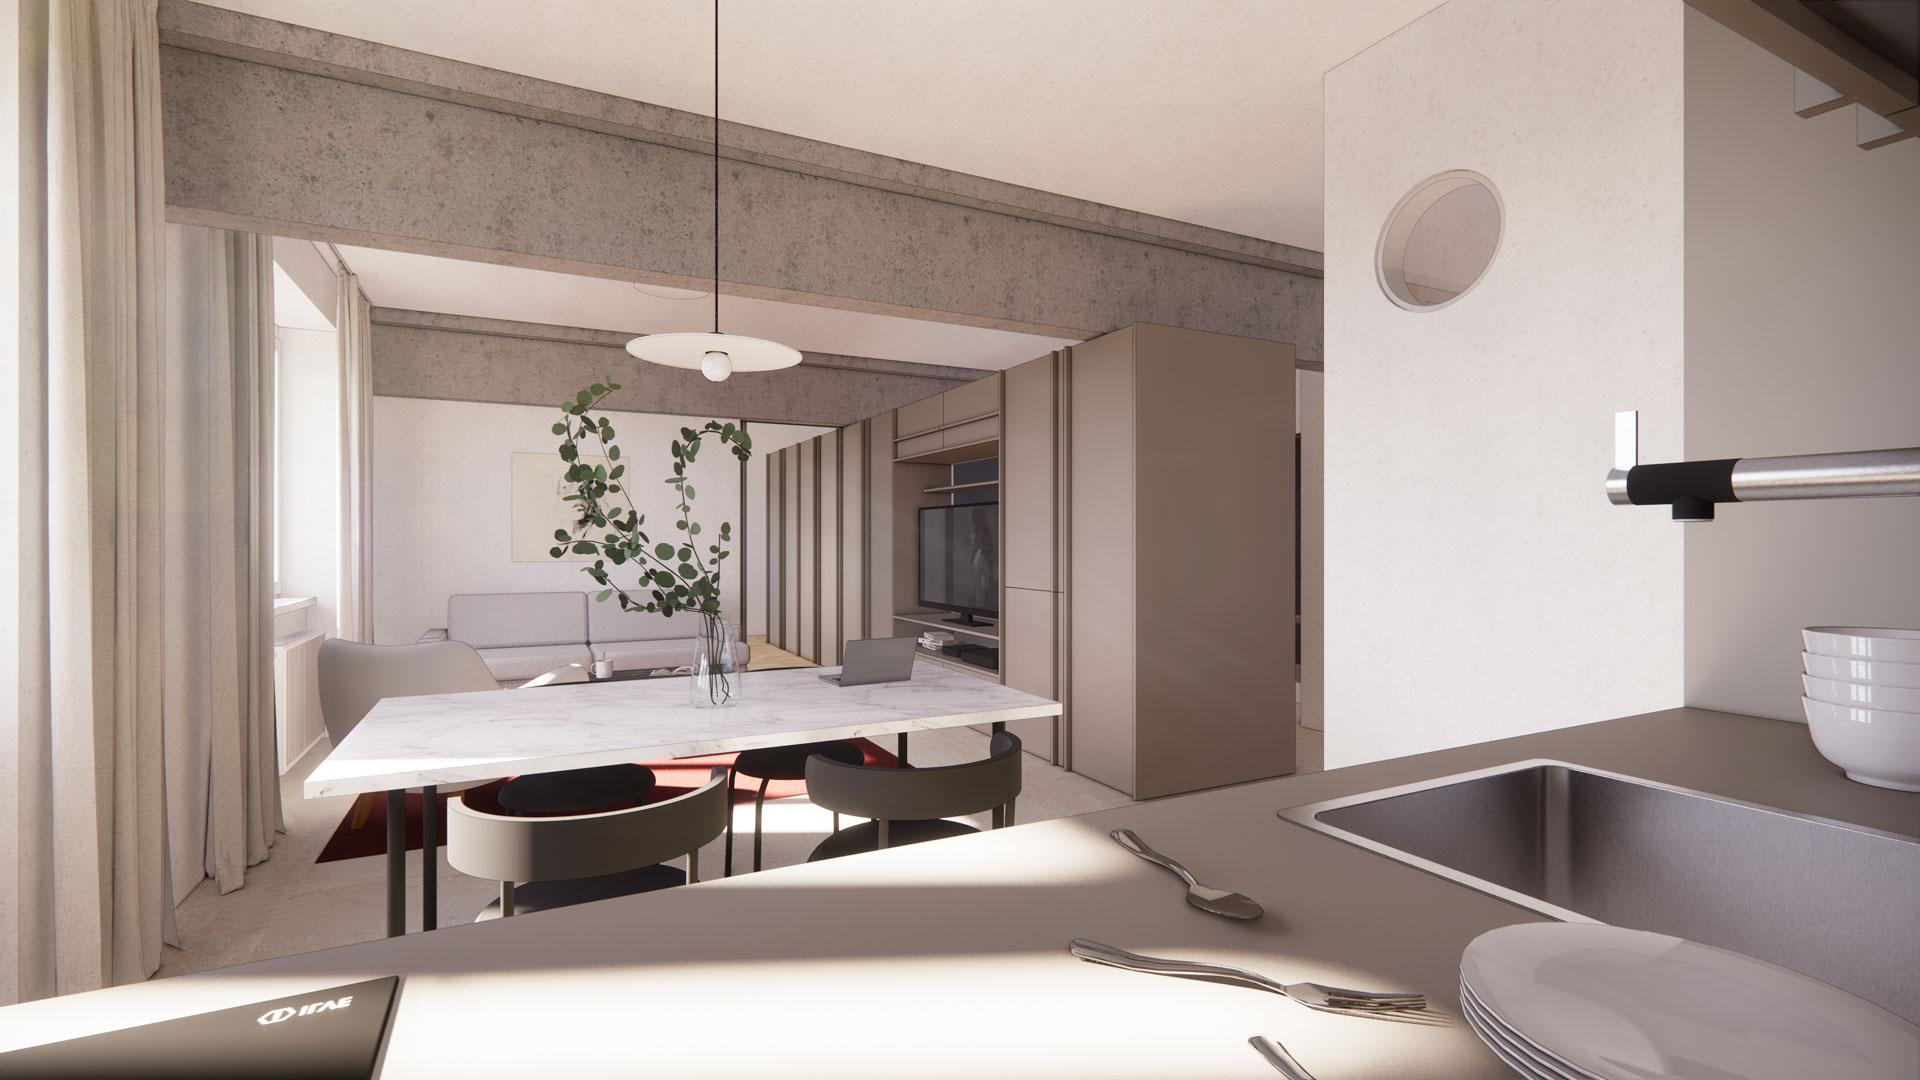 noiz-architekti-interier-byt-lublanska-02